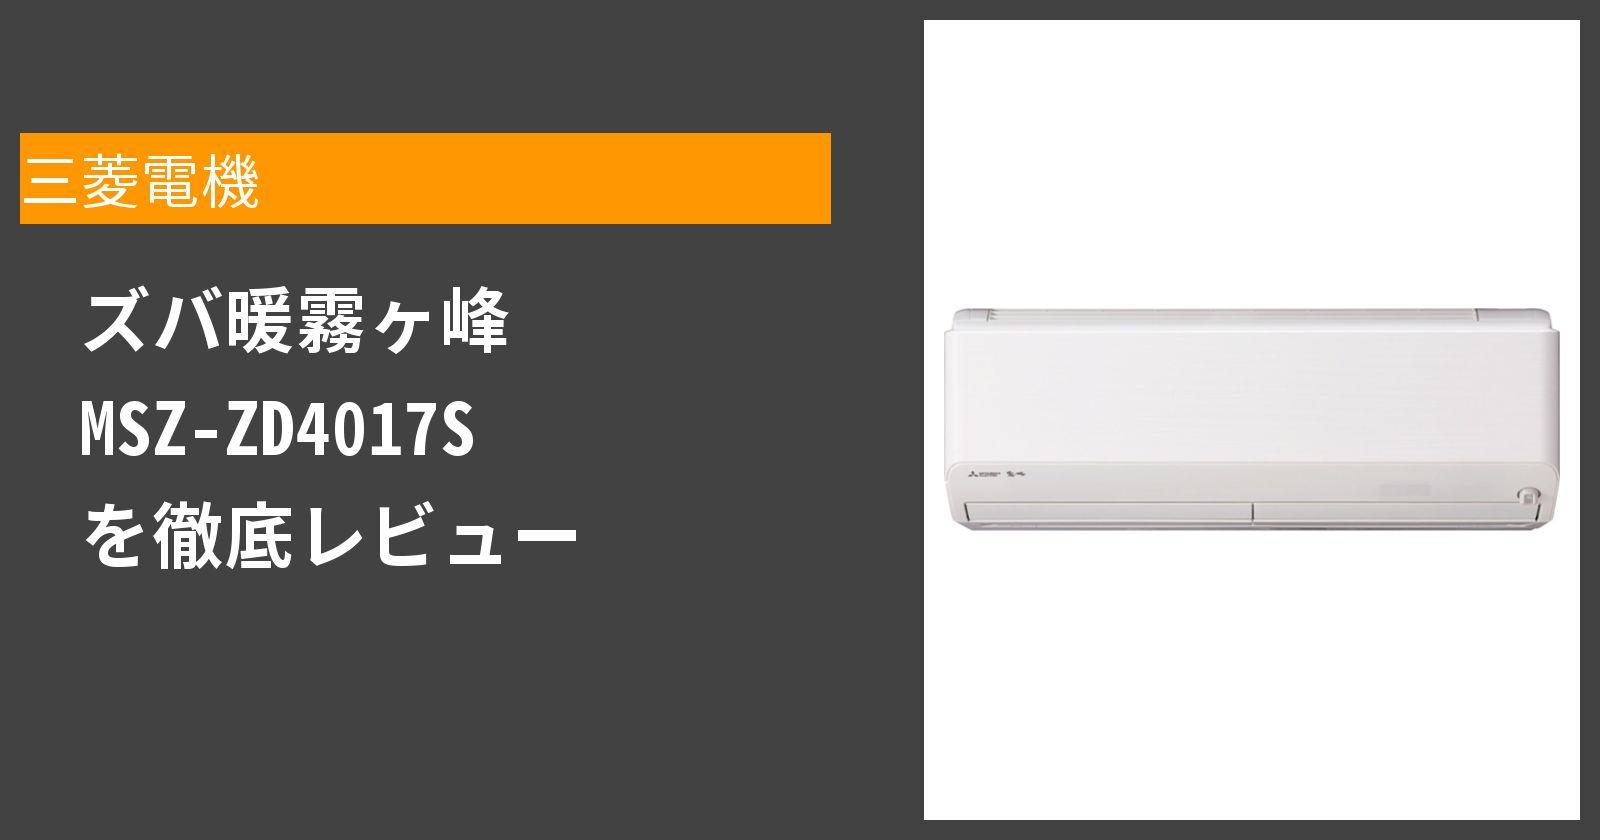 ズバ暖霧ヶ峰 MSZ-ZD4017Sを徹底評価